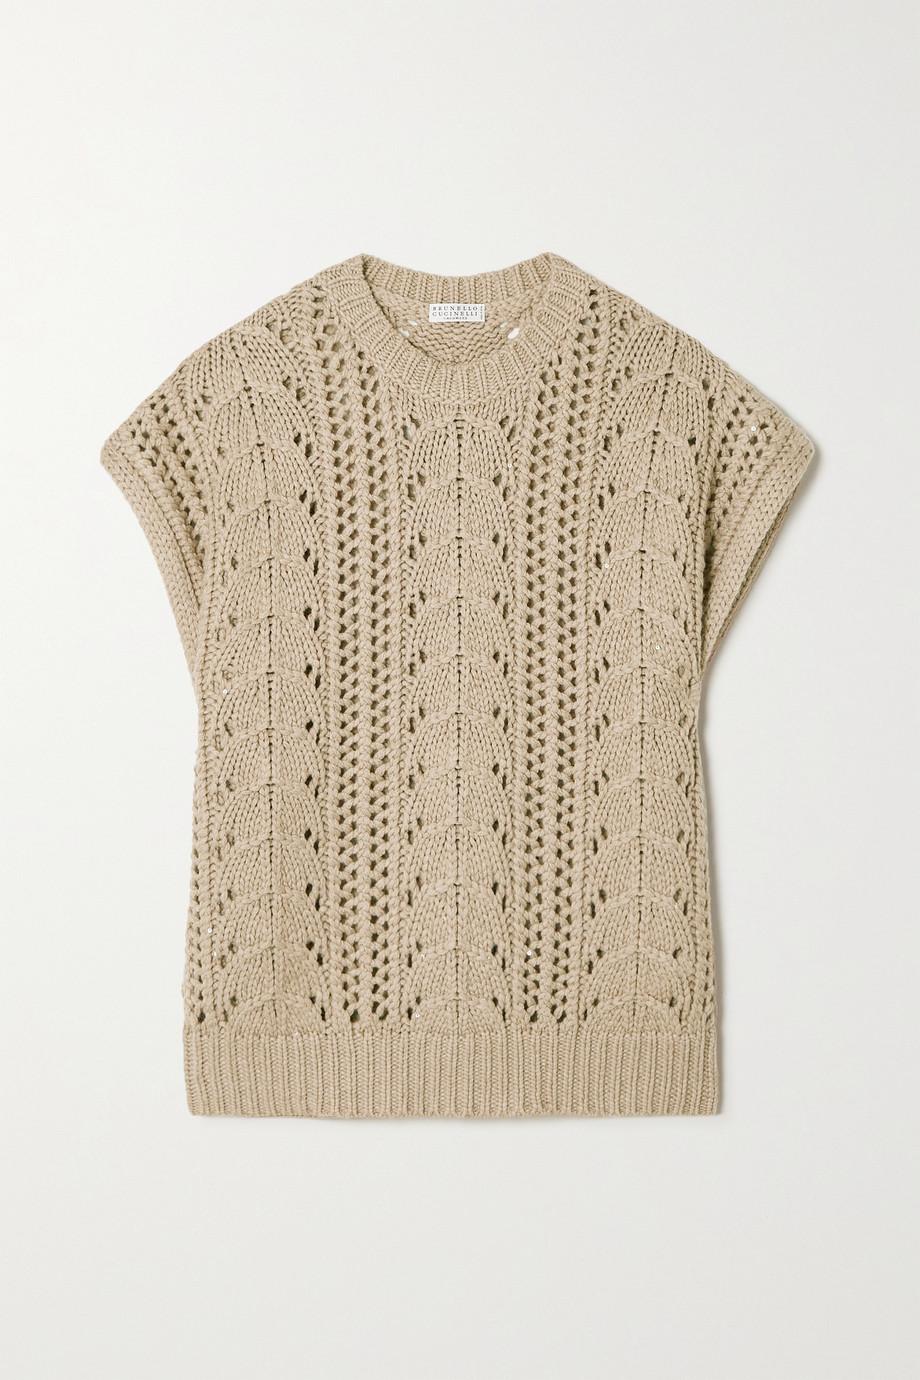 Brunello Cucinelli Ärmelloser Pullover aus einer Kaschmir-Seidenmischung in Zopfstrick mit Pailletten